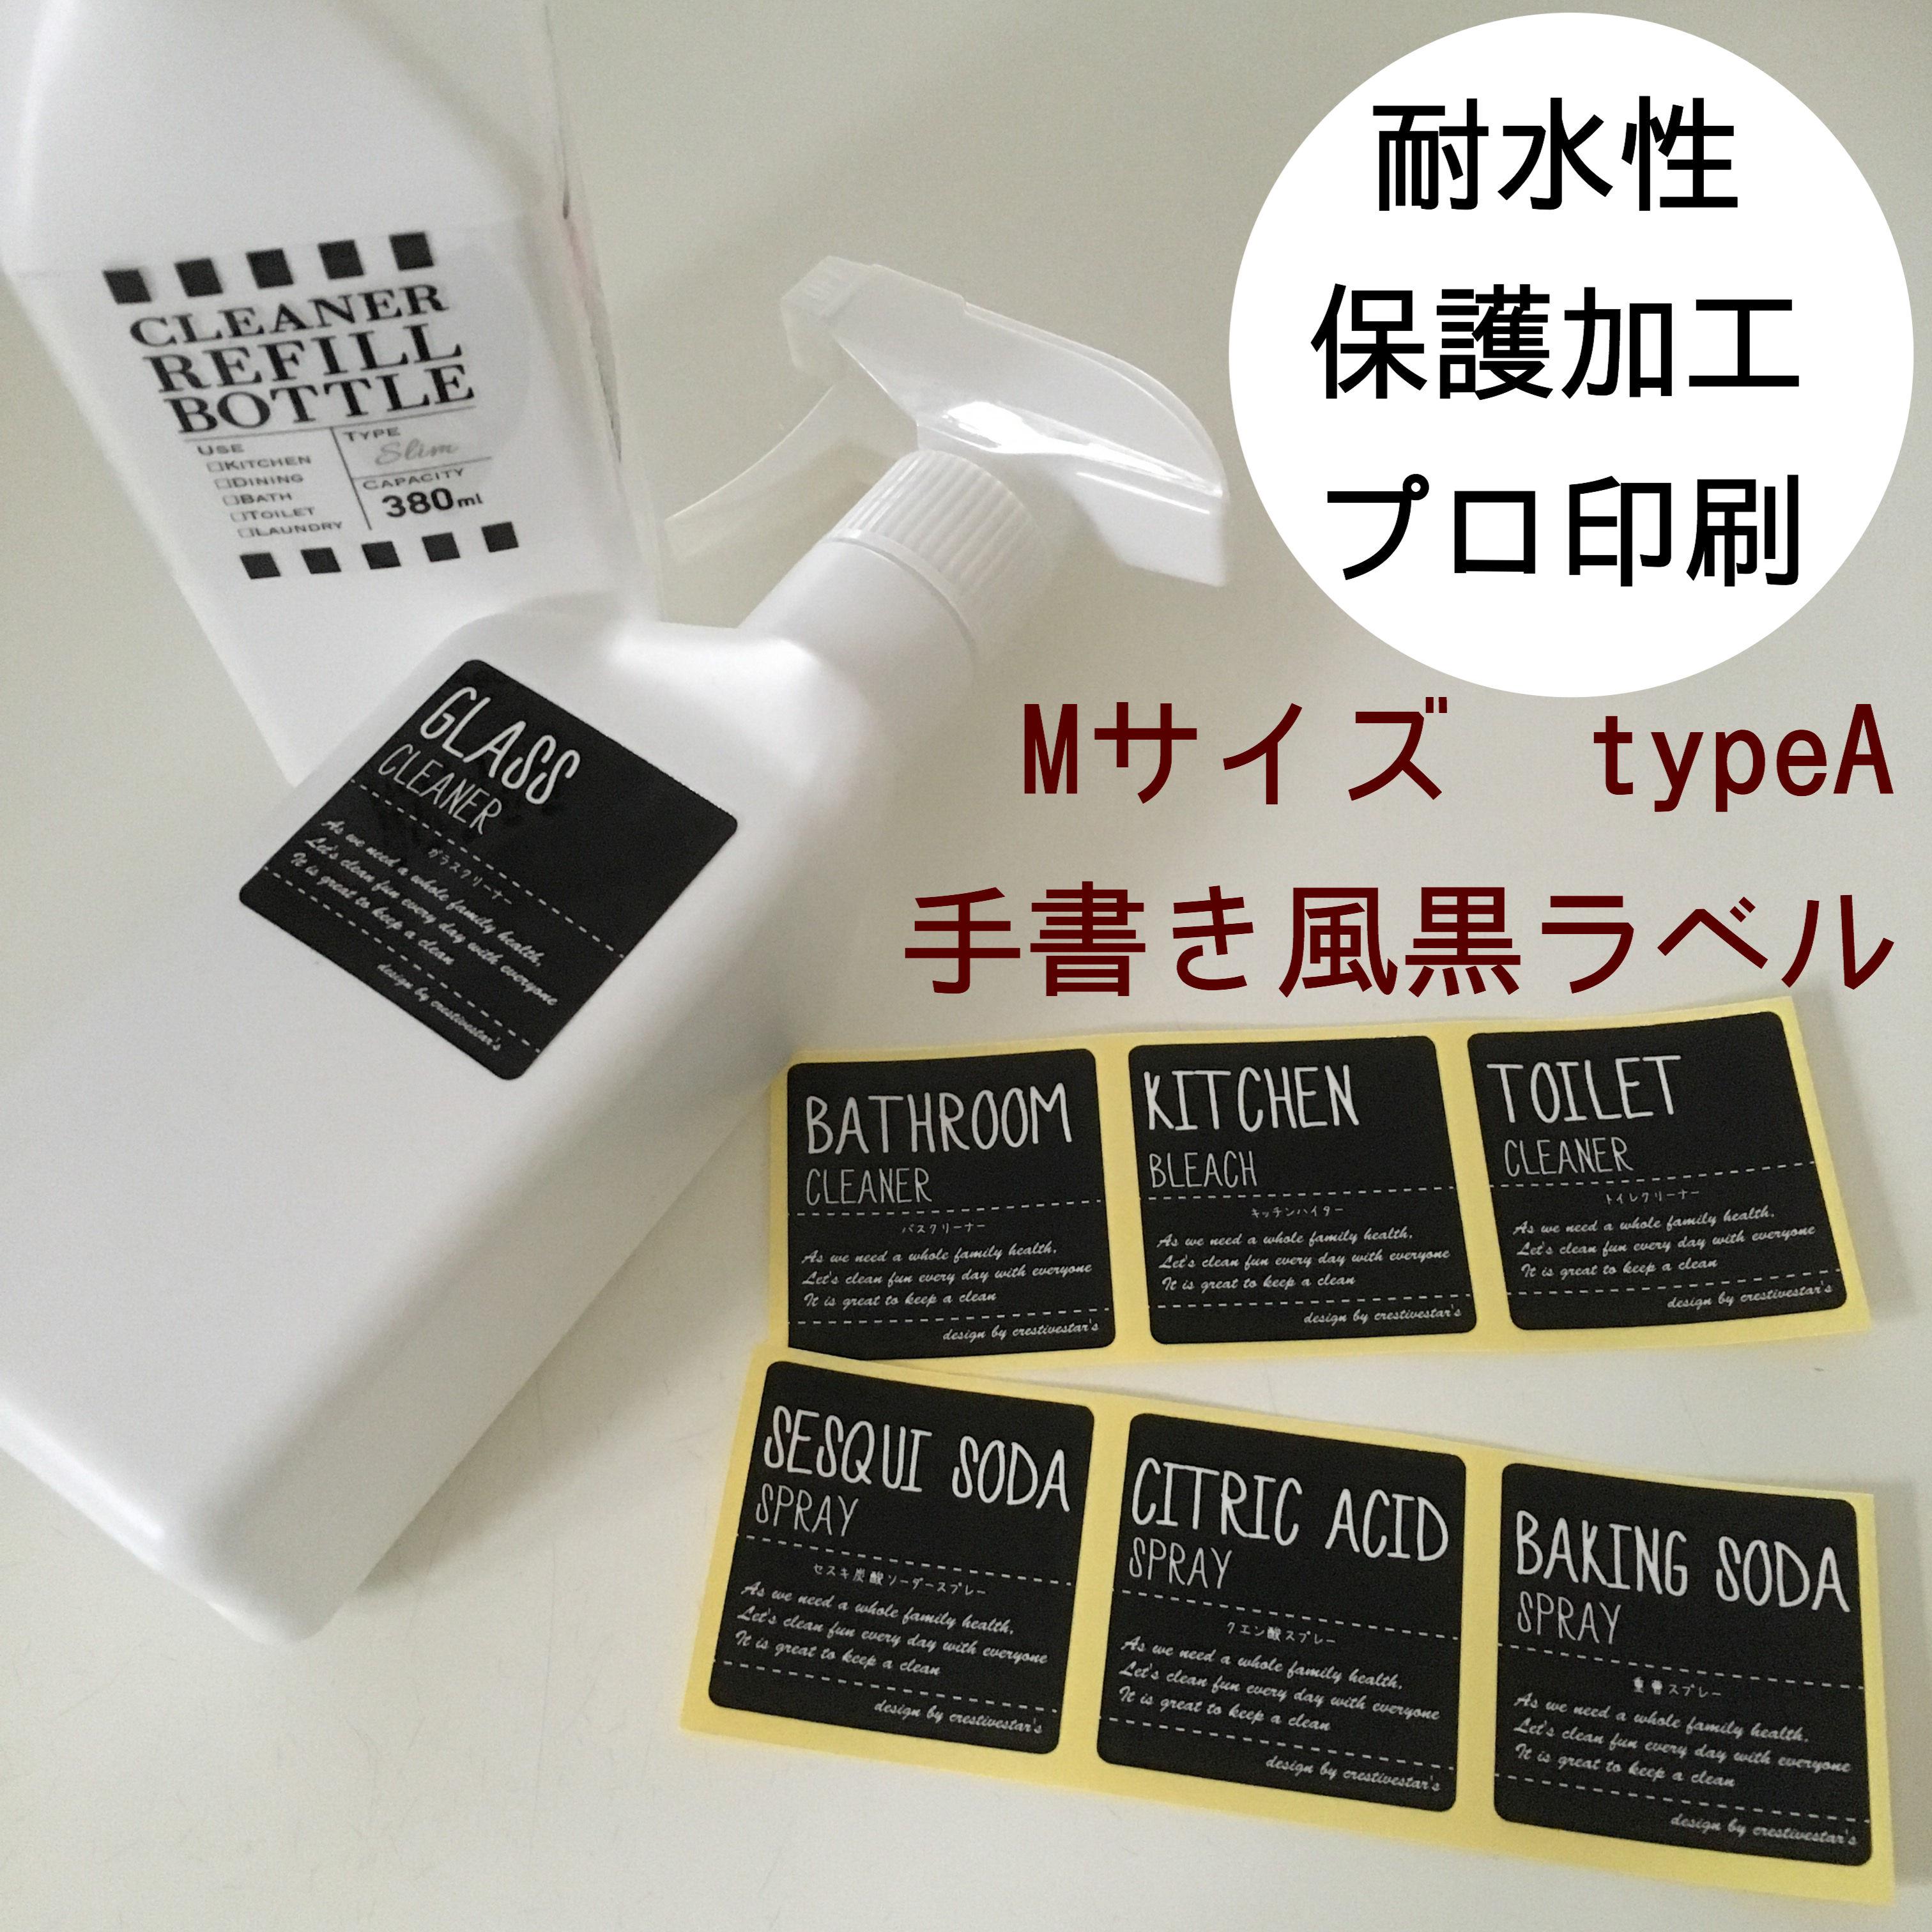 ≪手書き風≫お掃除ラベル(Msize) TypeA黒ラベル